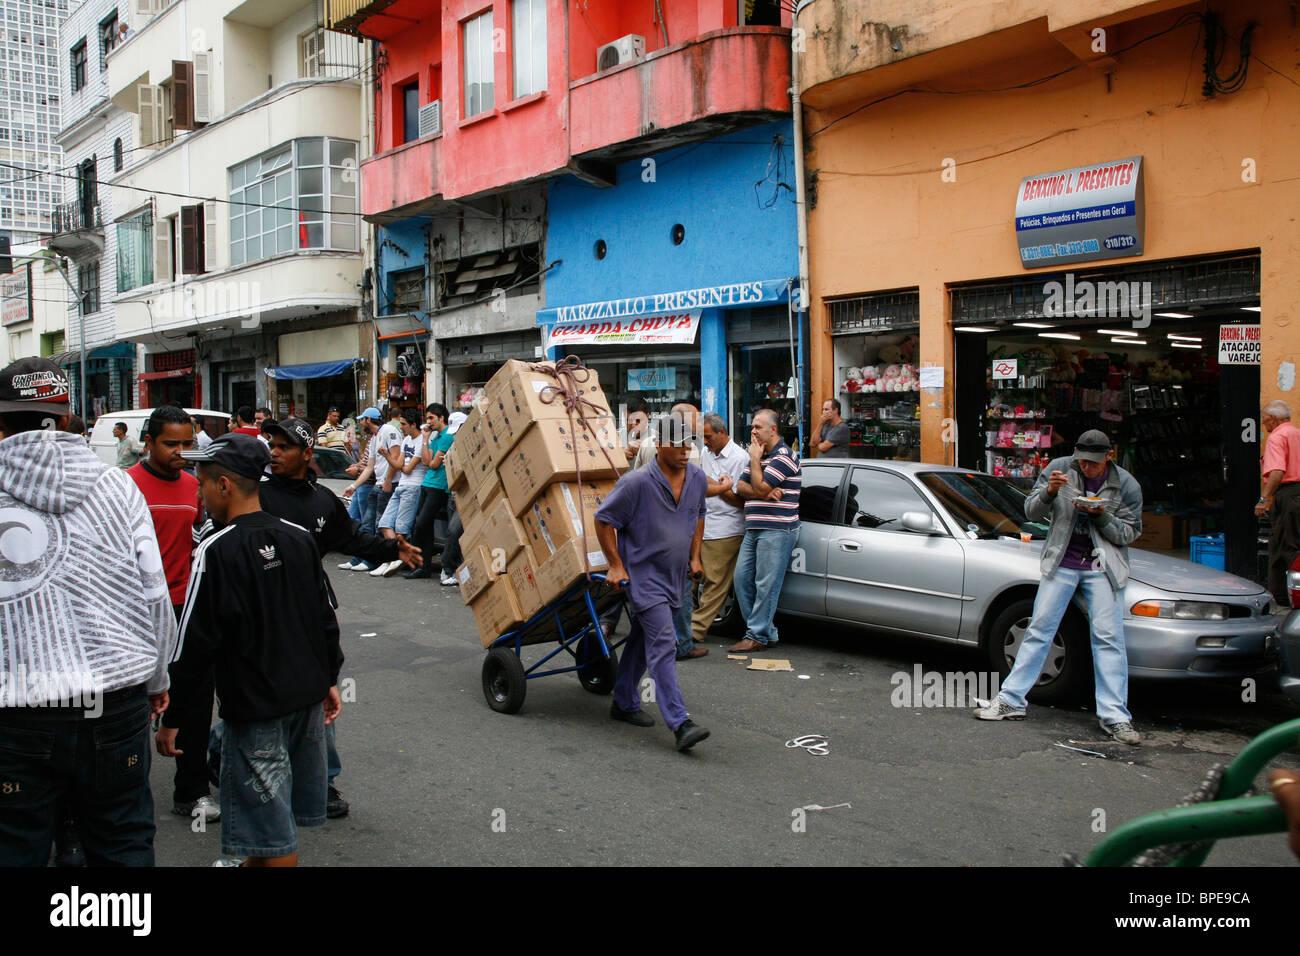 Scena di strada nel centro di Sao Paulo, Brasile. Immagini Stock